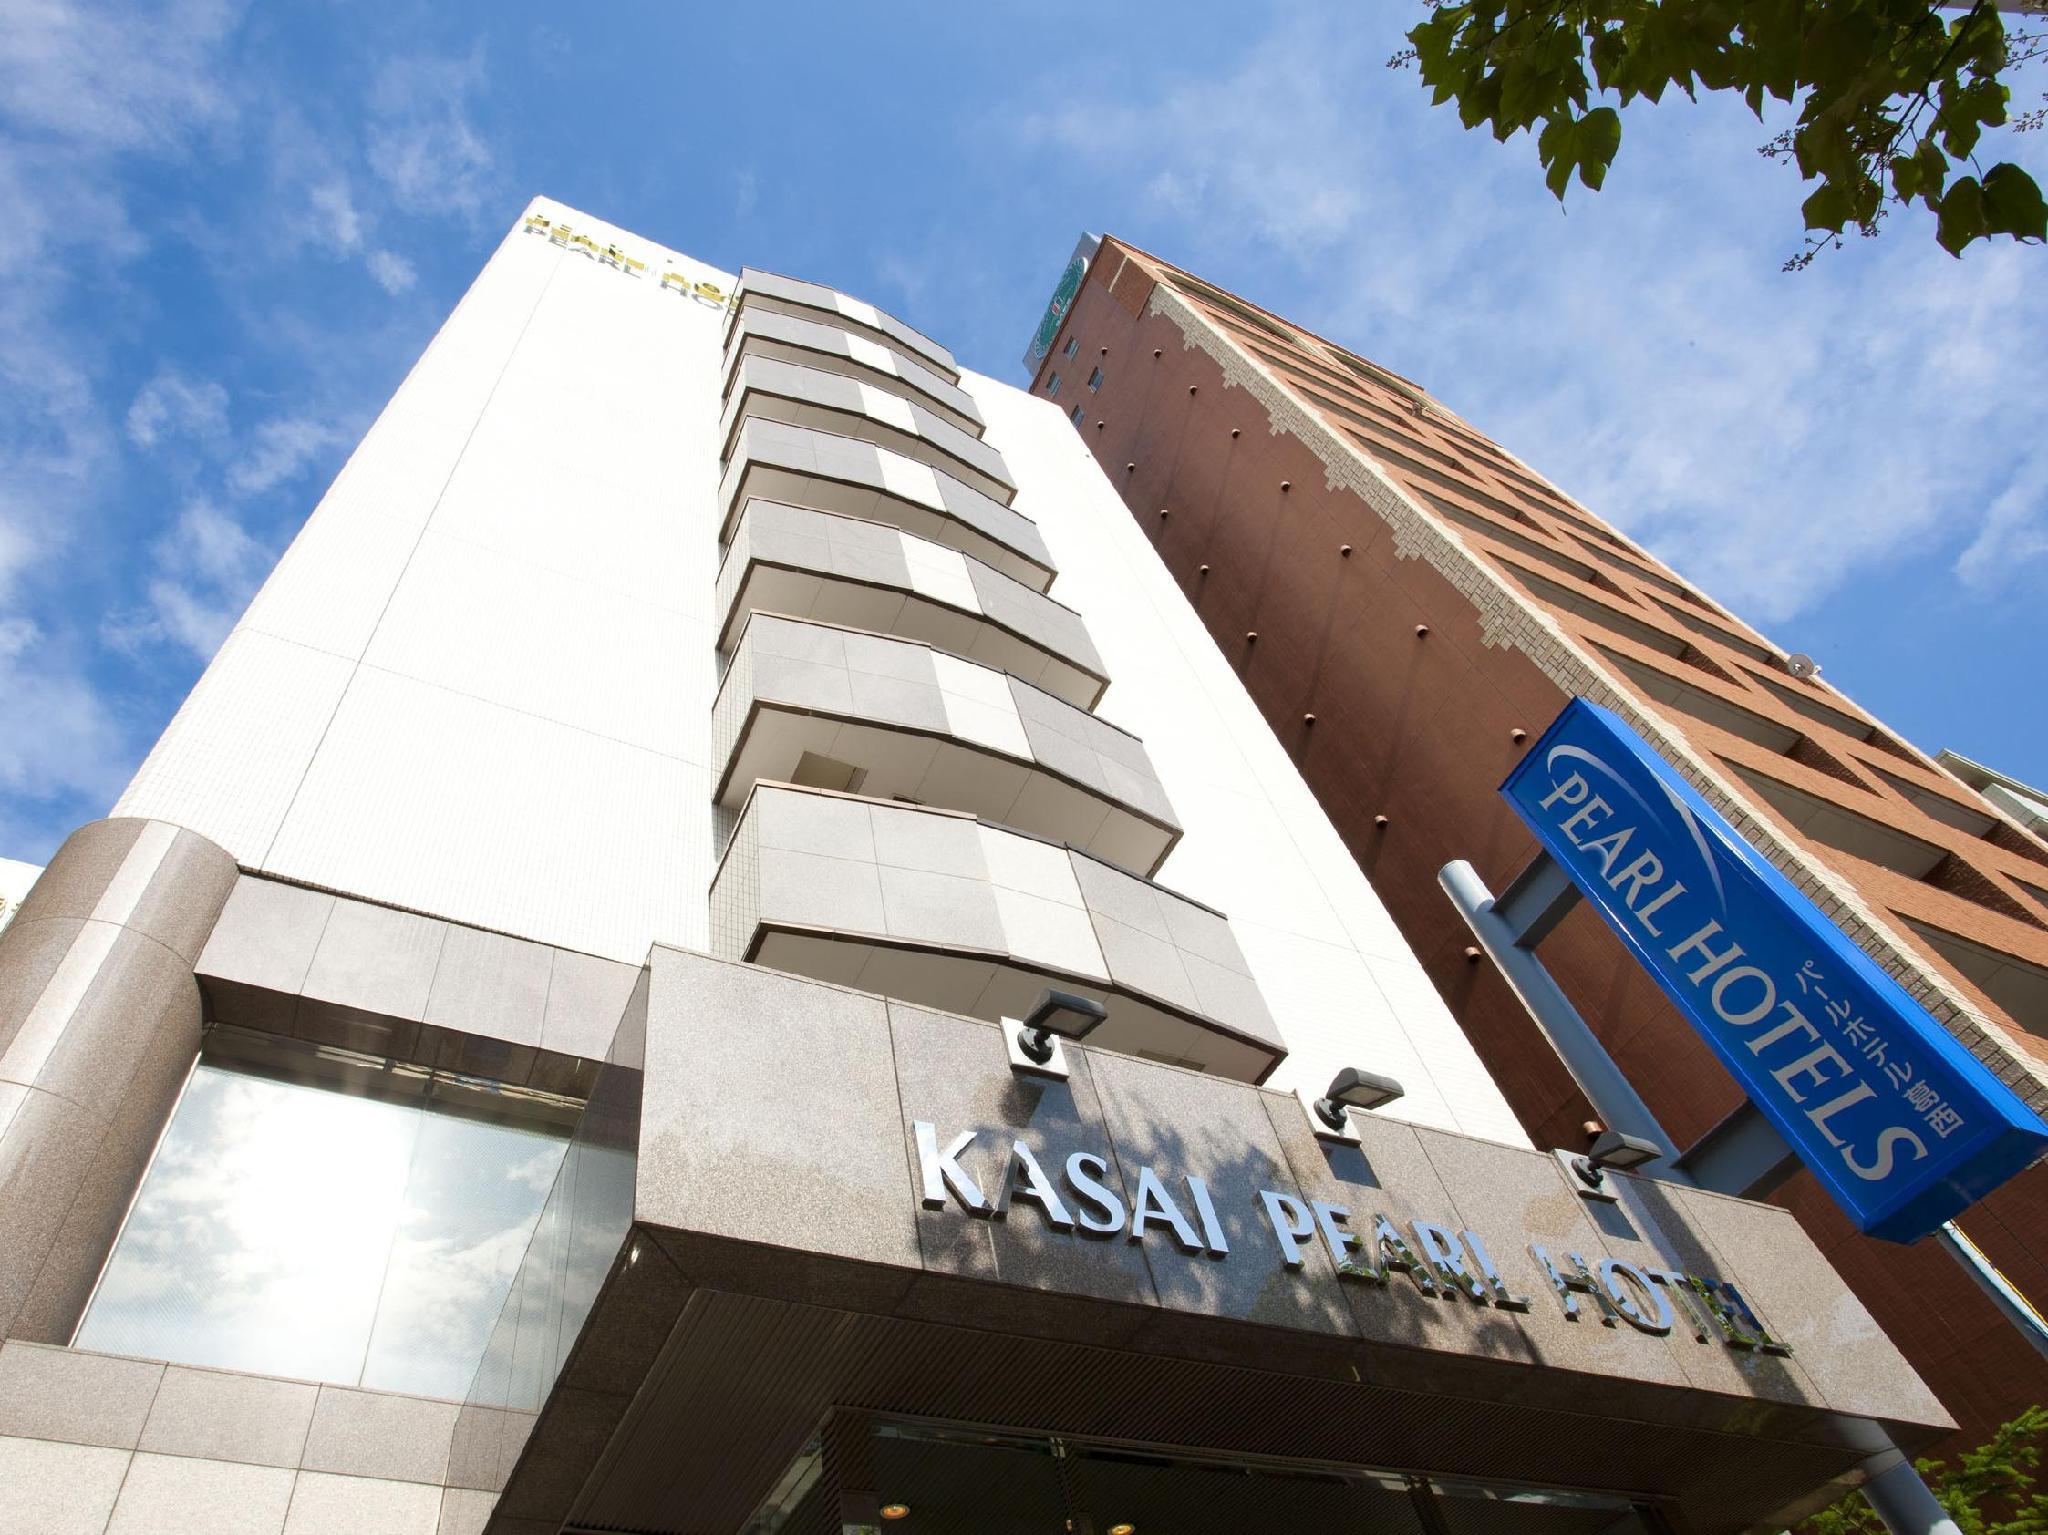 葛西旅行者酒店 The Tourist Hotel Kasai